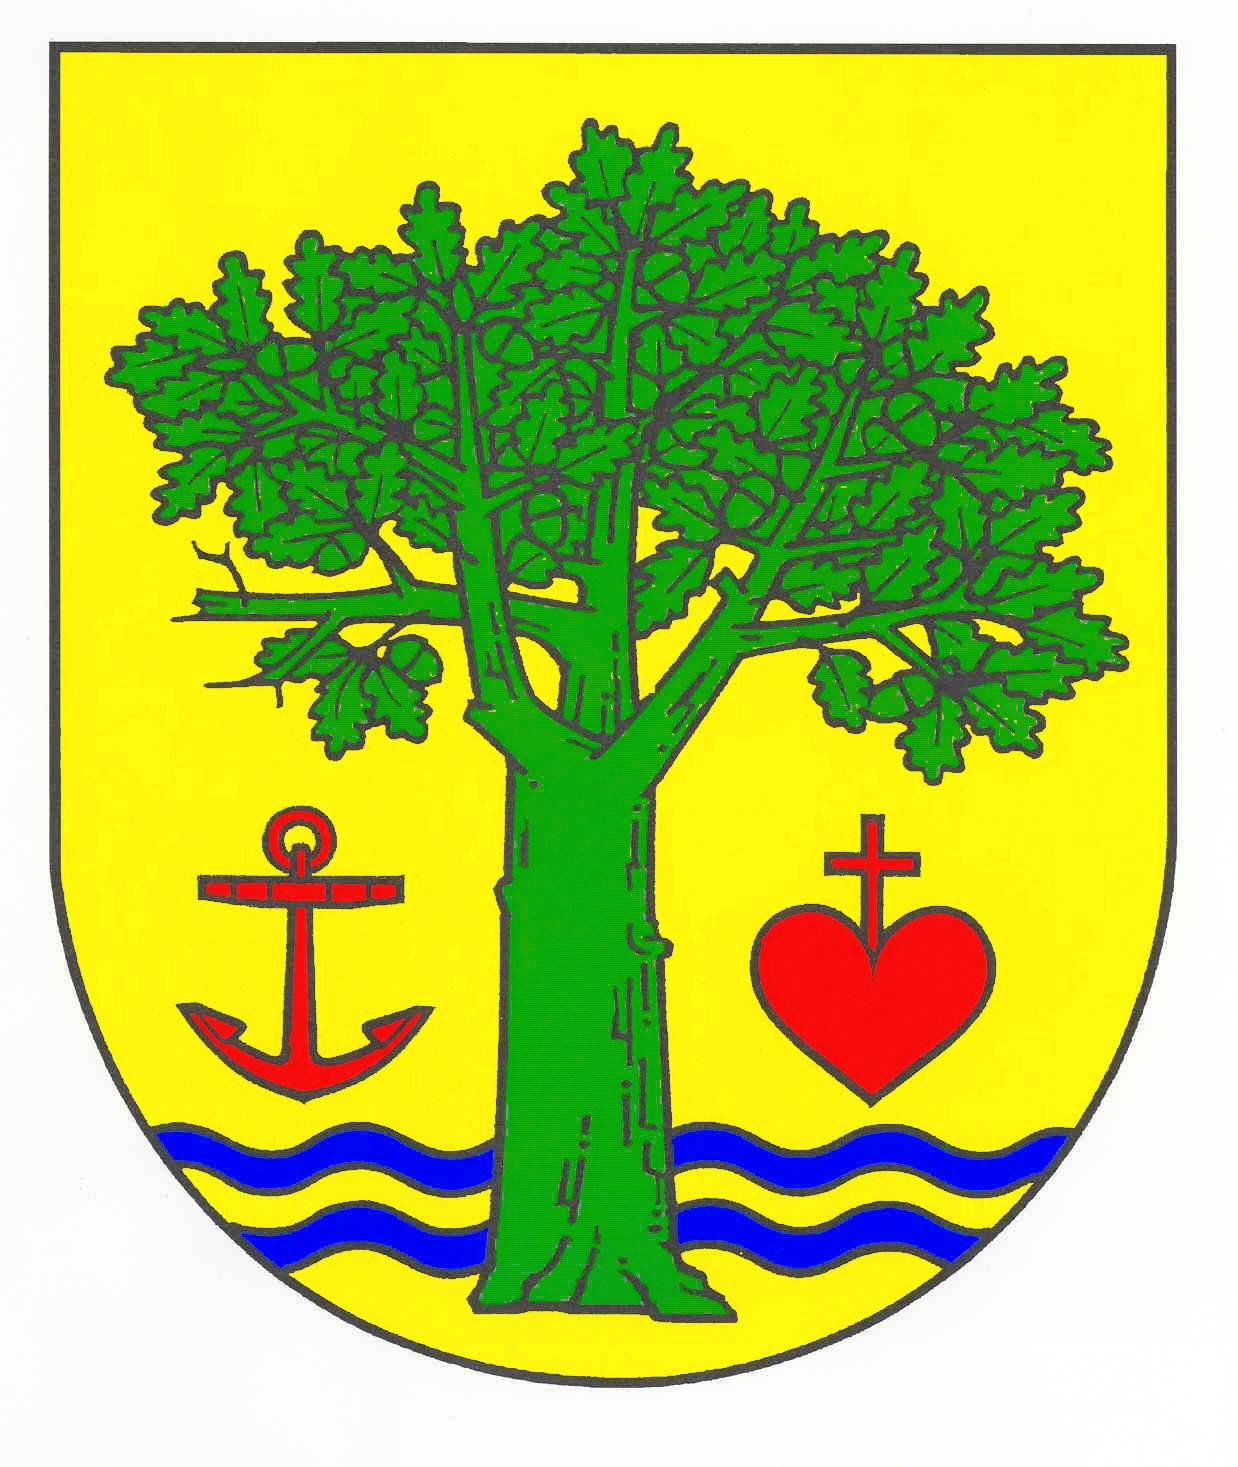 Wappen GemeindeLankau, Kreis Herzogtum Lauenburg